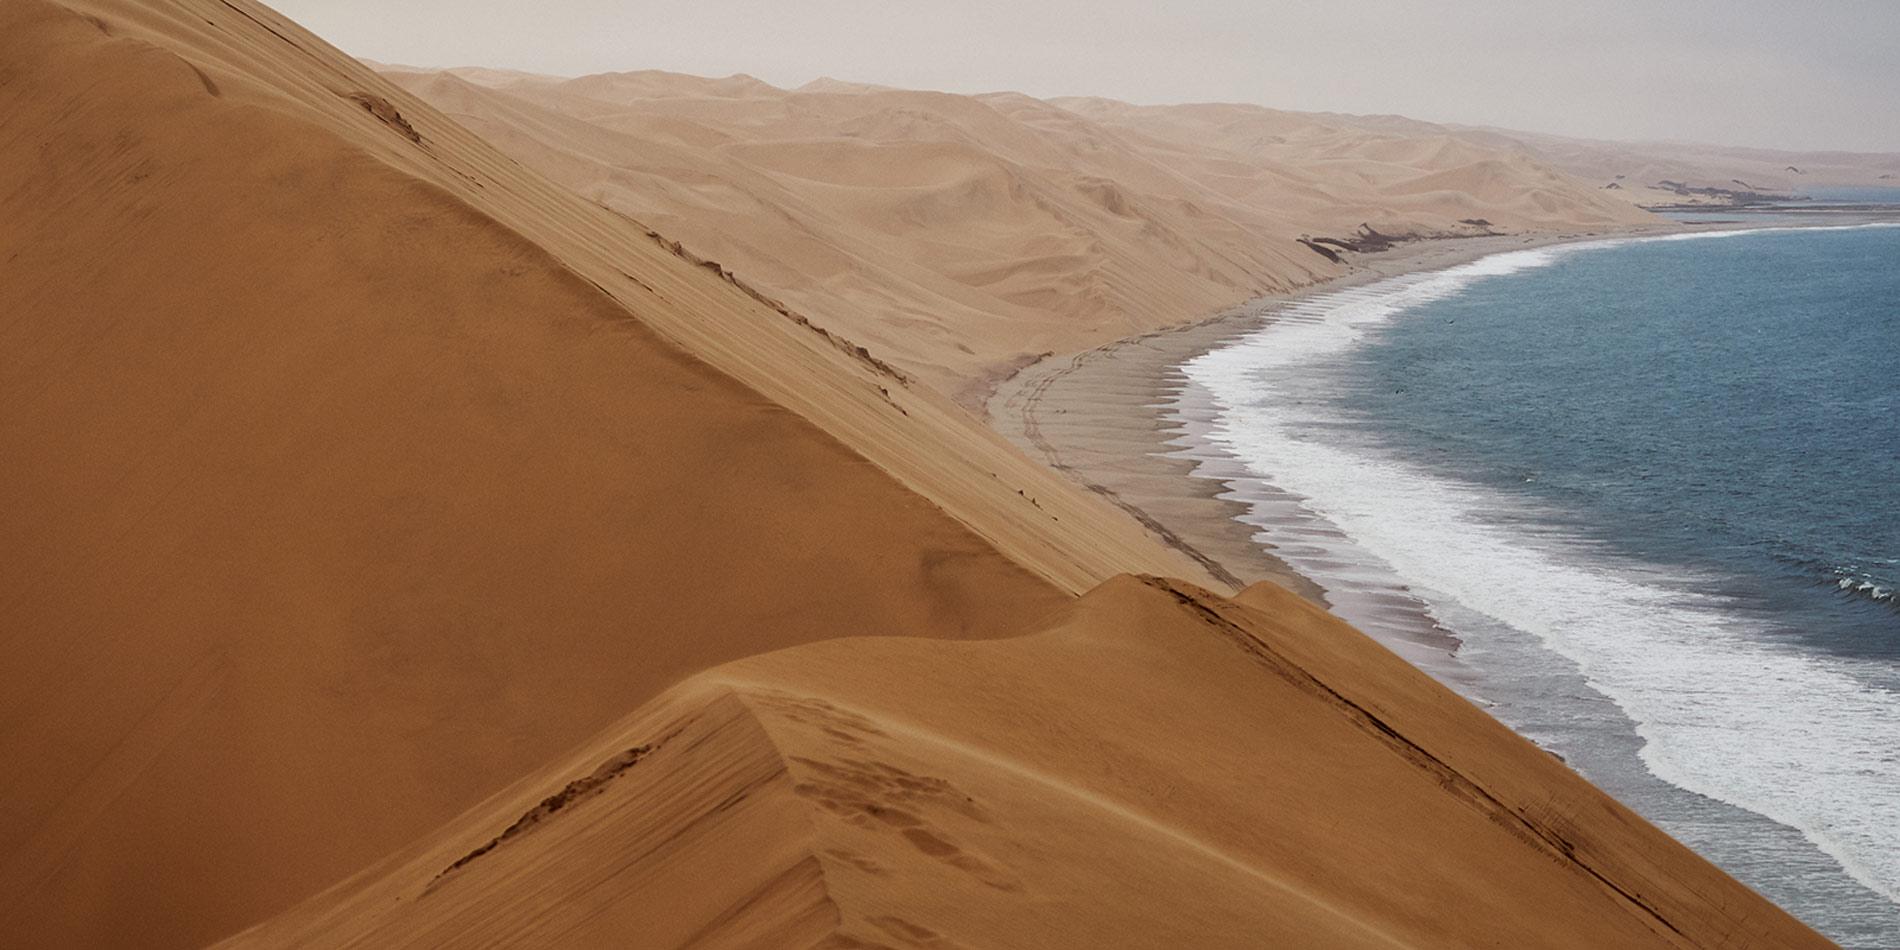 désert de namib image